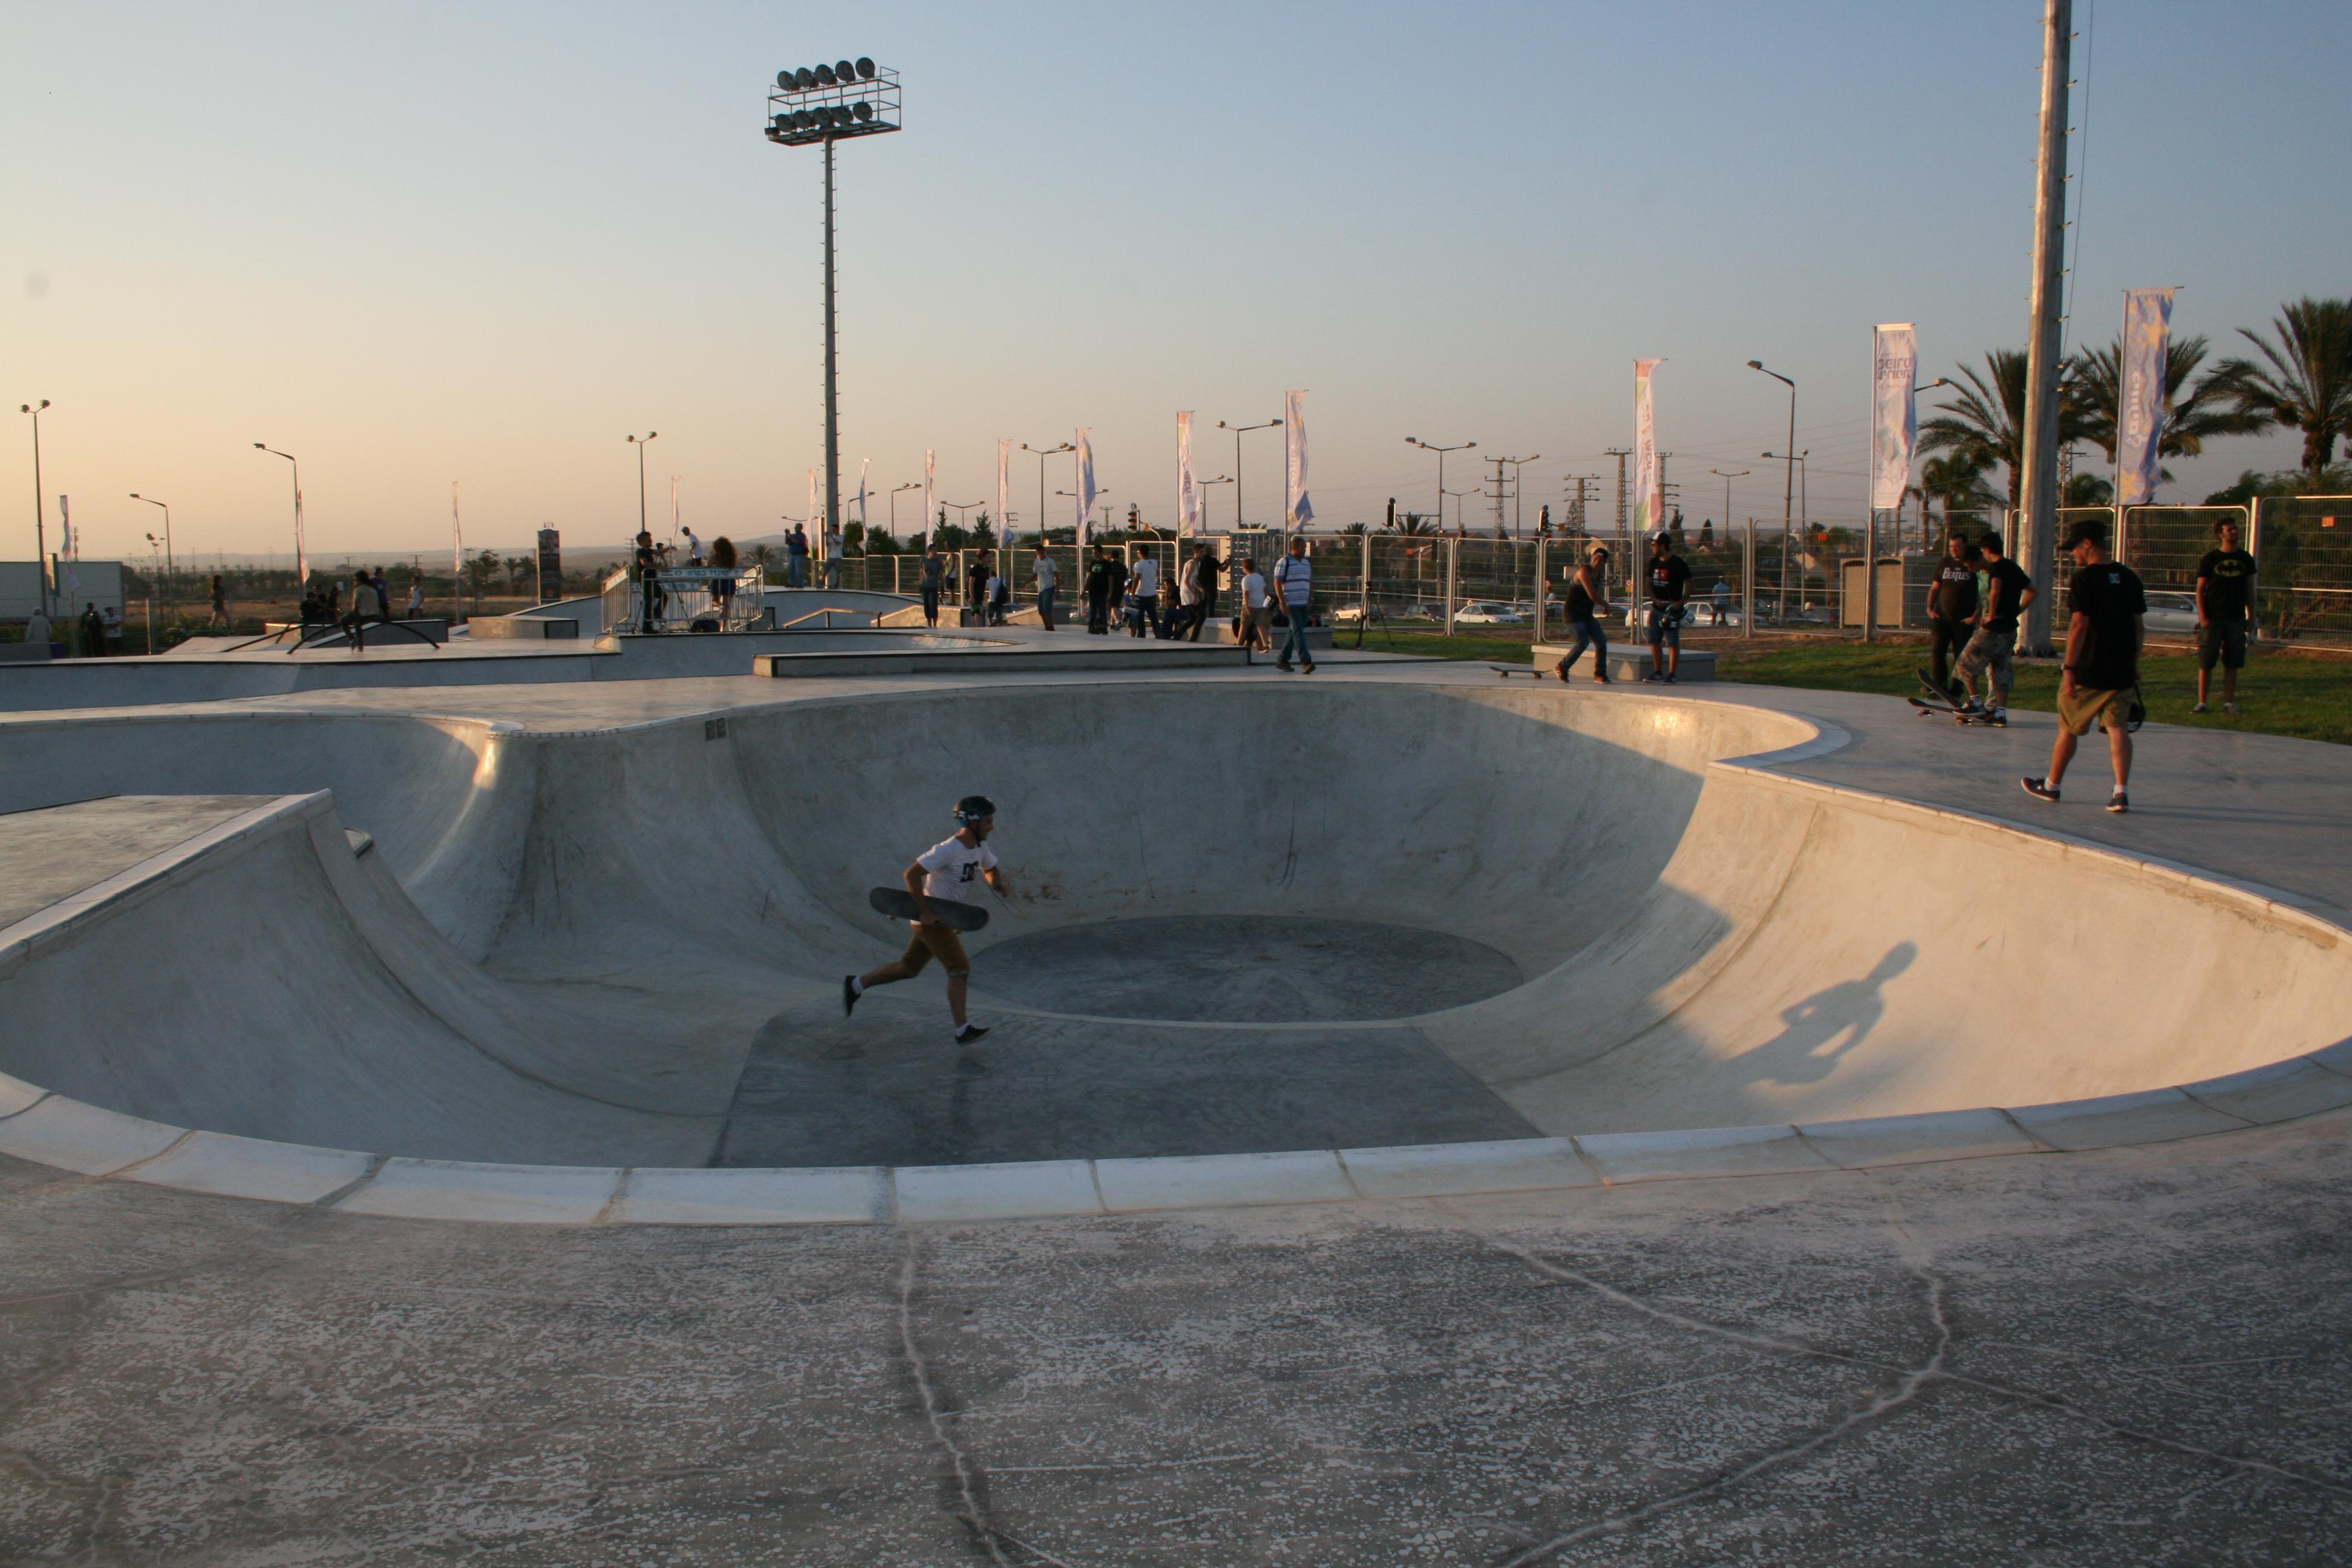 В Беэр-Шеве открылся скейт-парк